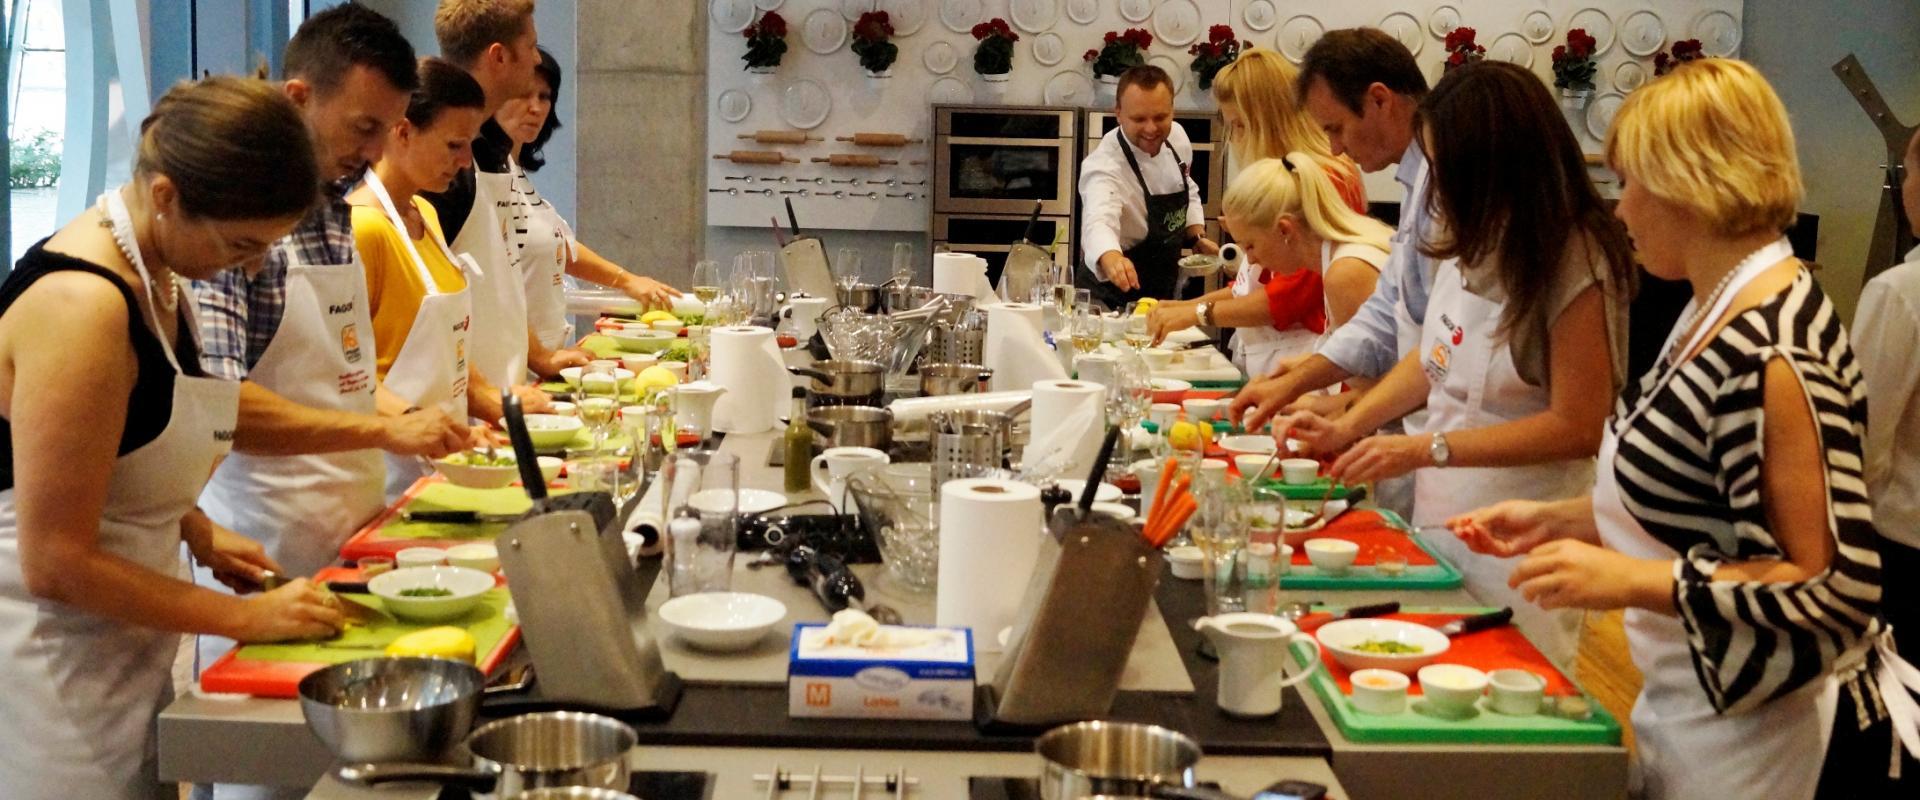 Cooking class in Gradisca d'Isonzo